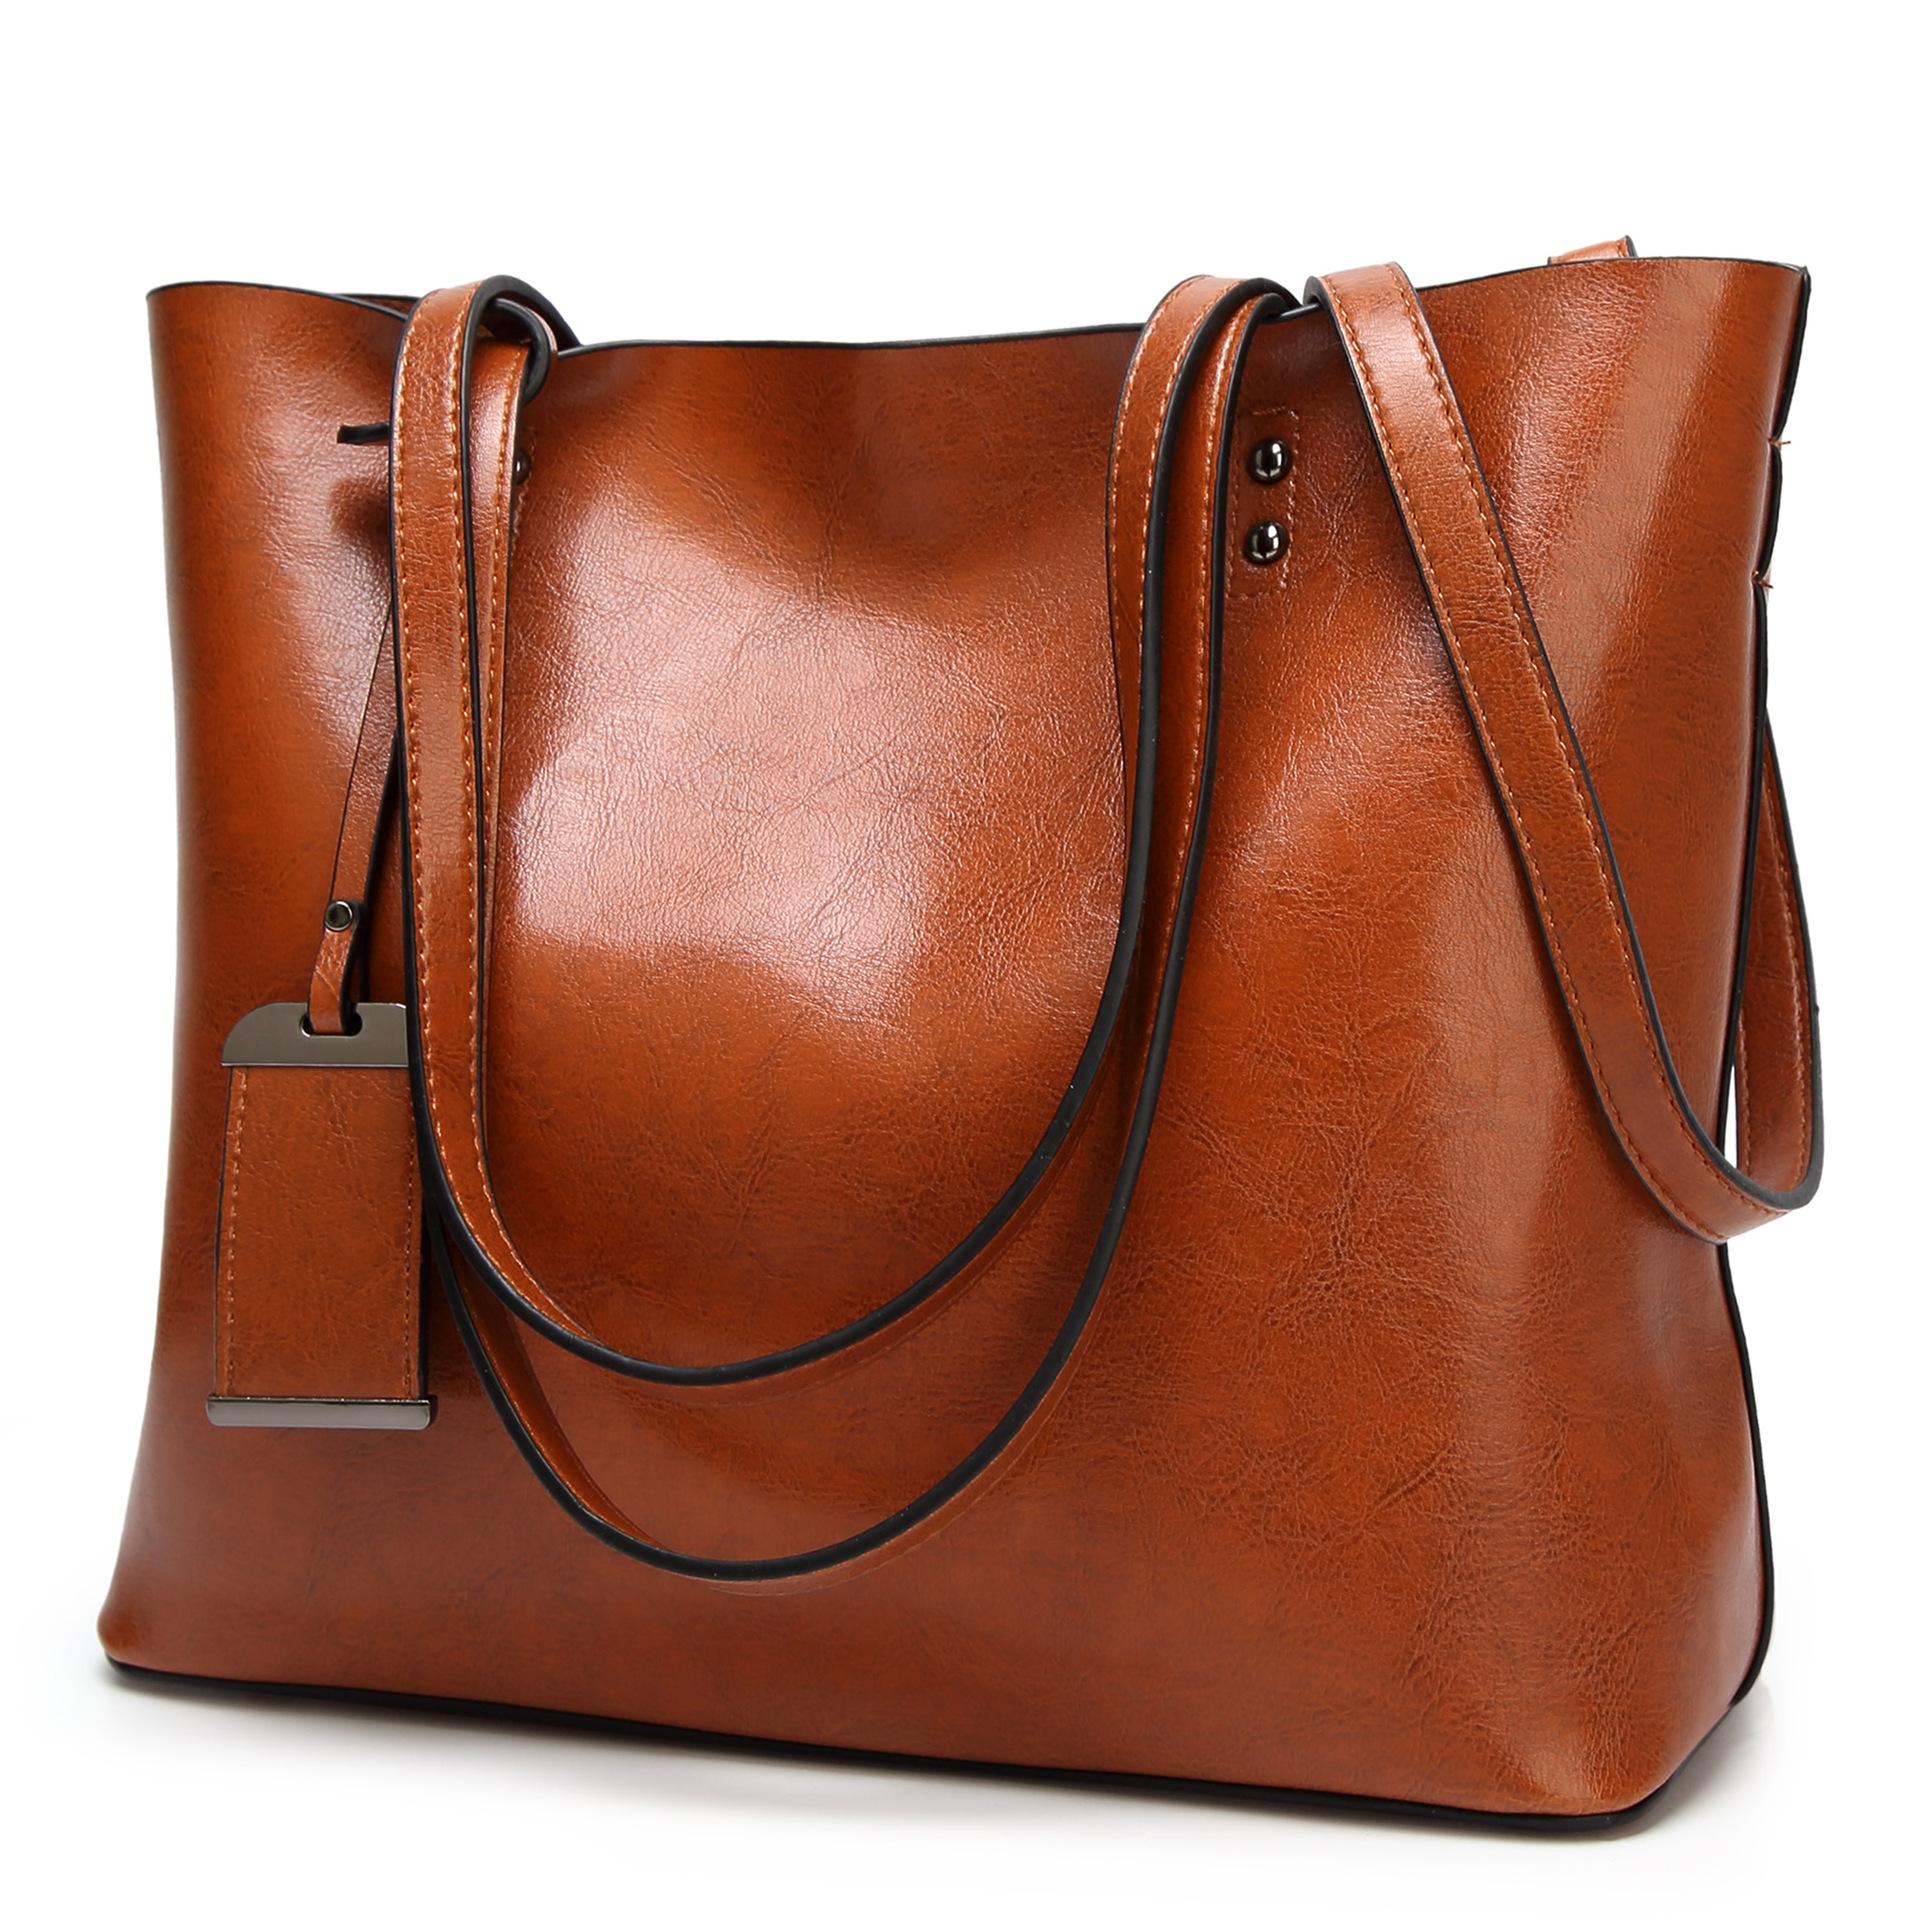 2020欧美新款女包欧美跨境皮具箱包时尚手提包单肩斜挎包手袋